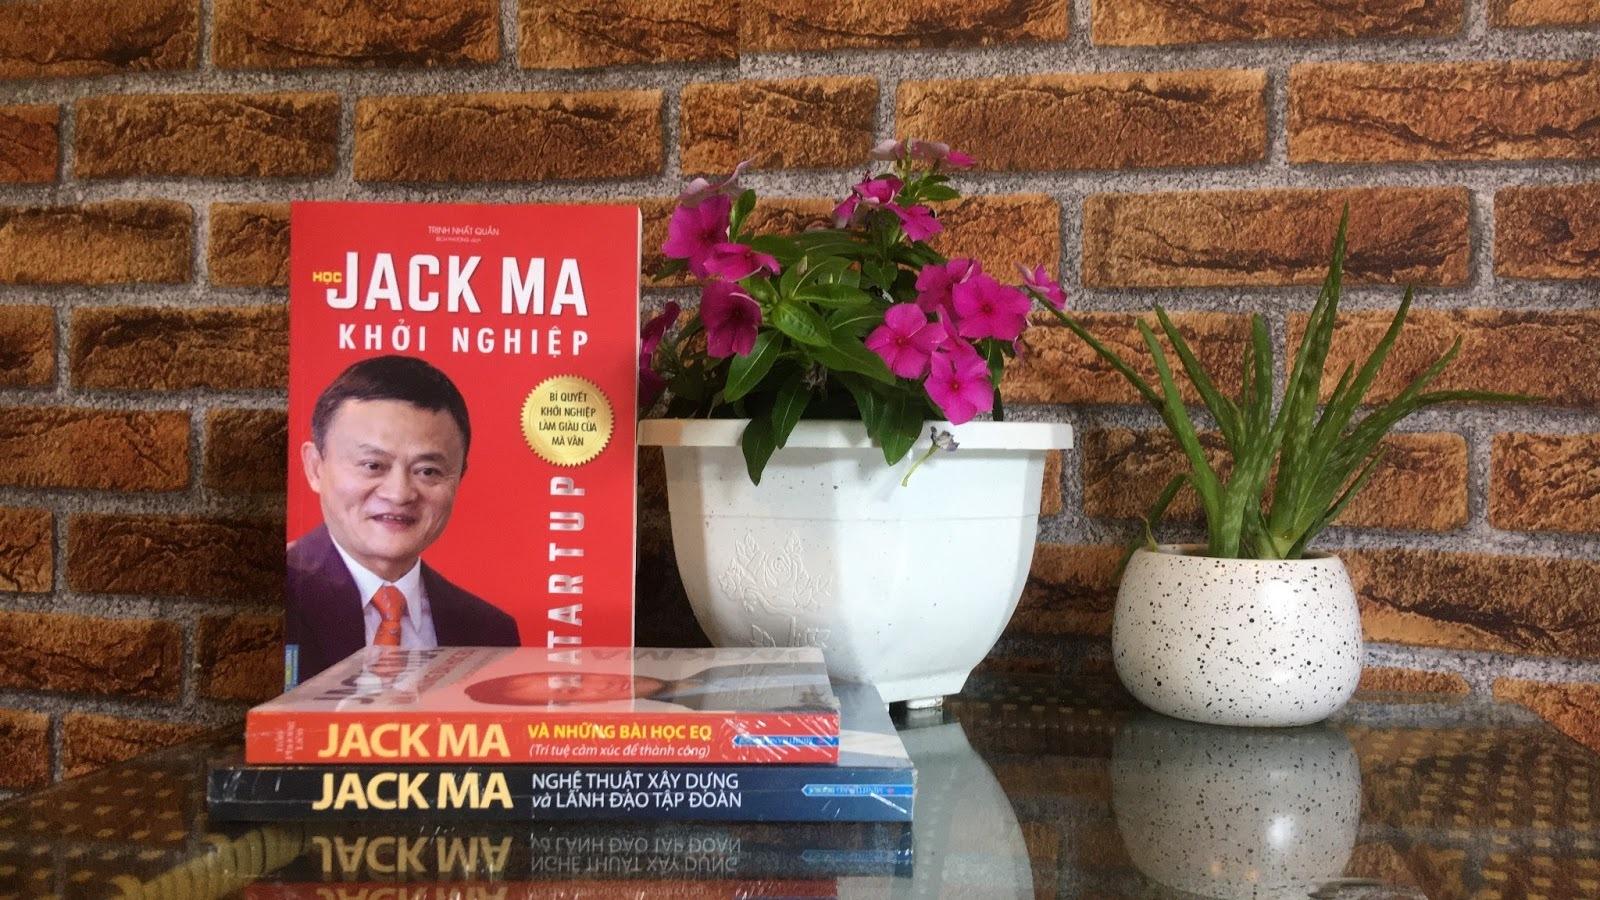 Tự truyện của Jack Ma